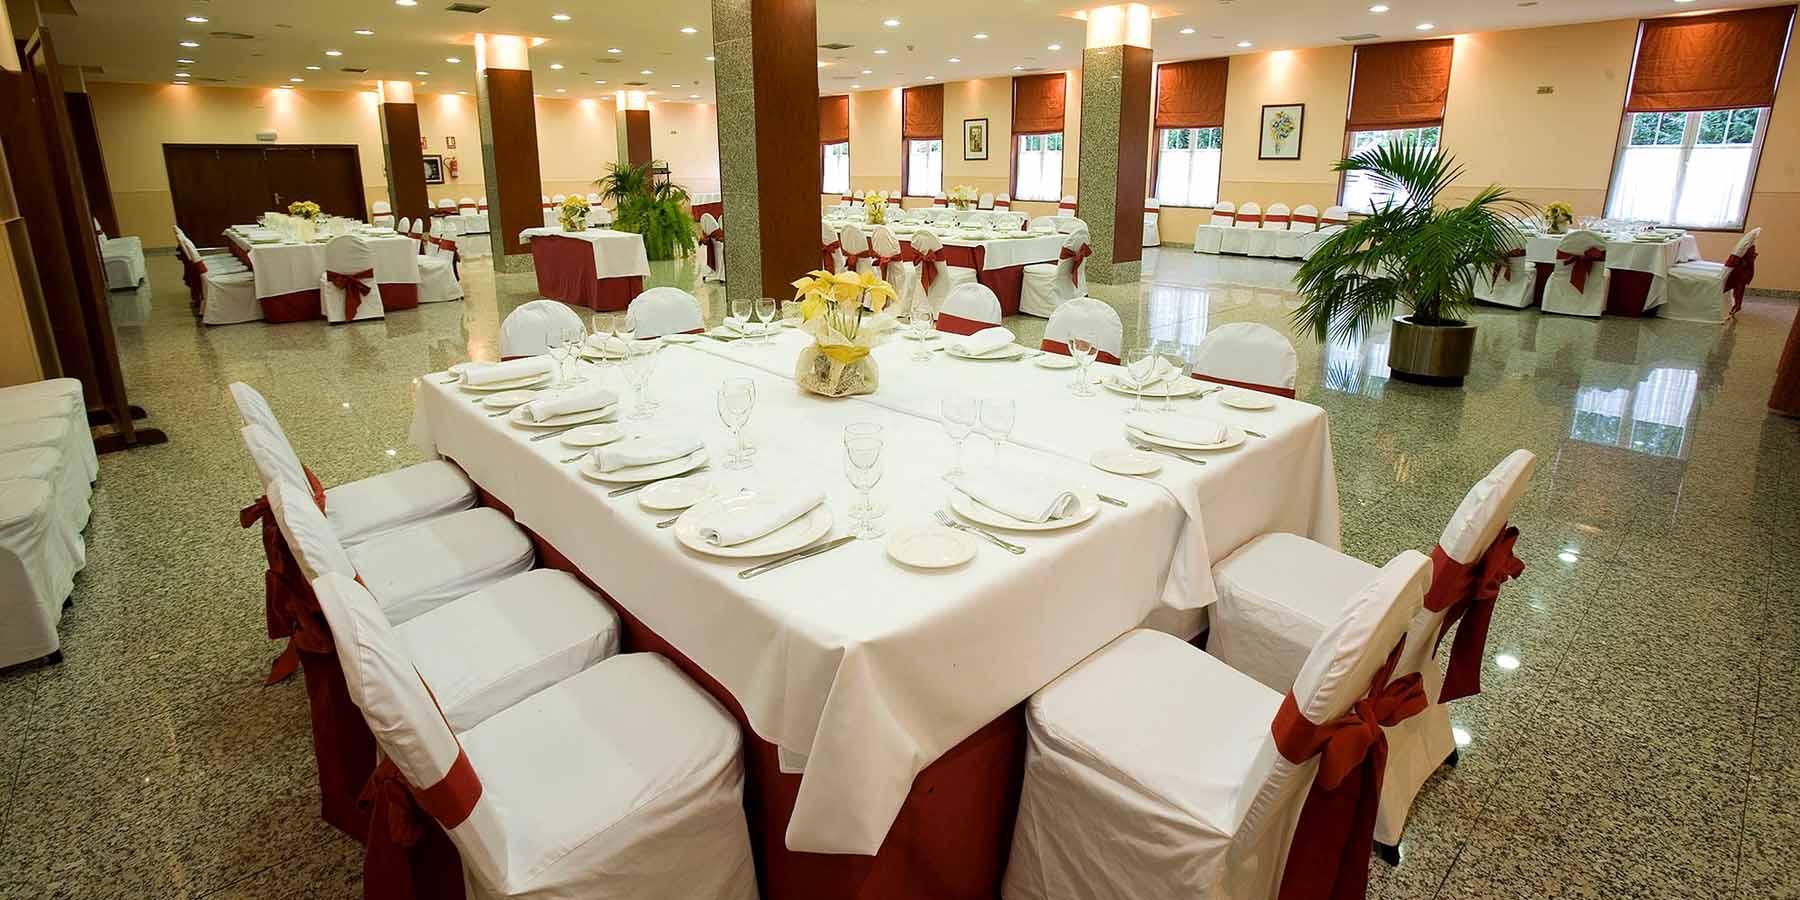 Reseñas Gastronómicas: Restaurante del Hotel Ponferrada Plaza 1